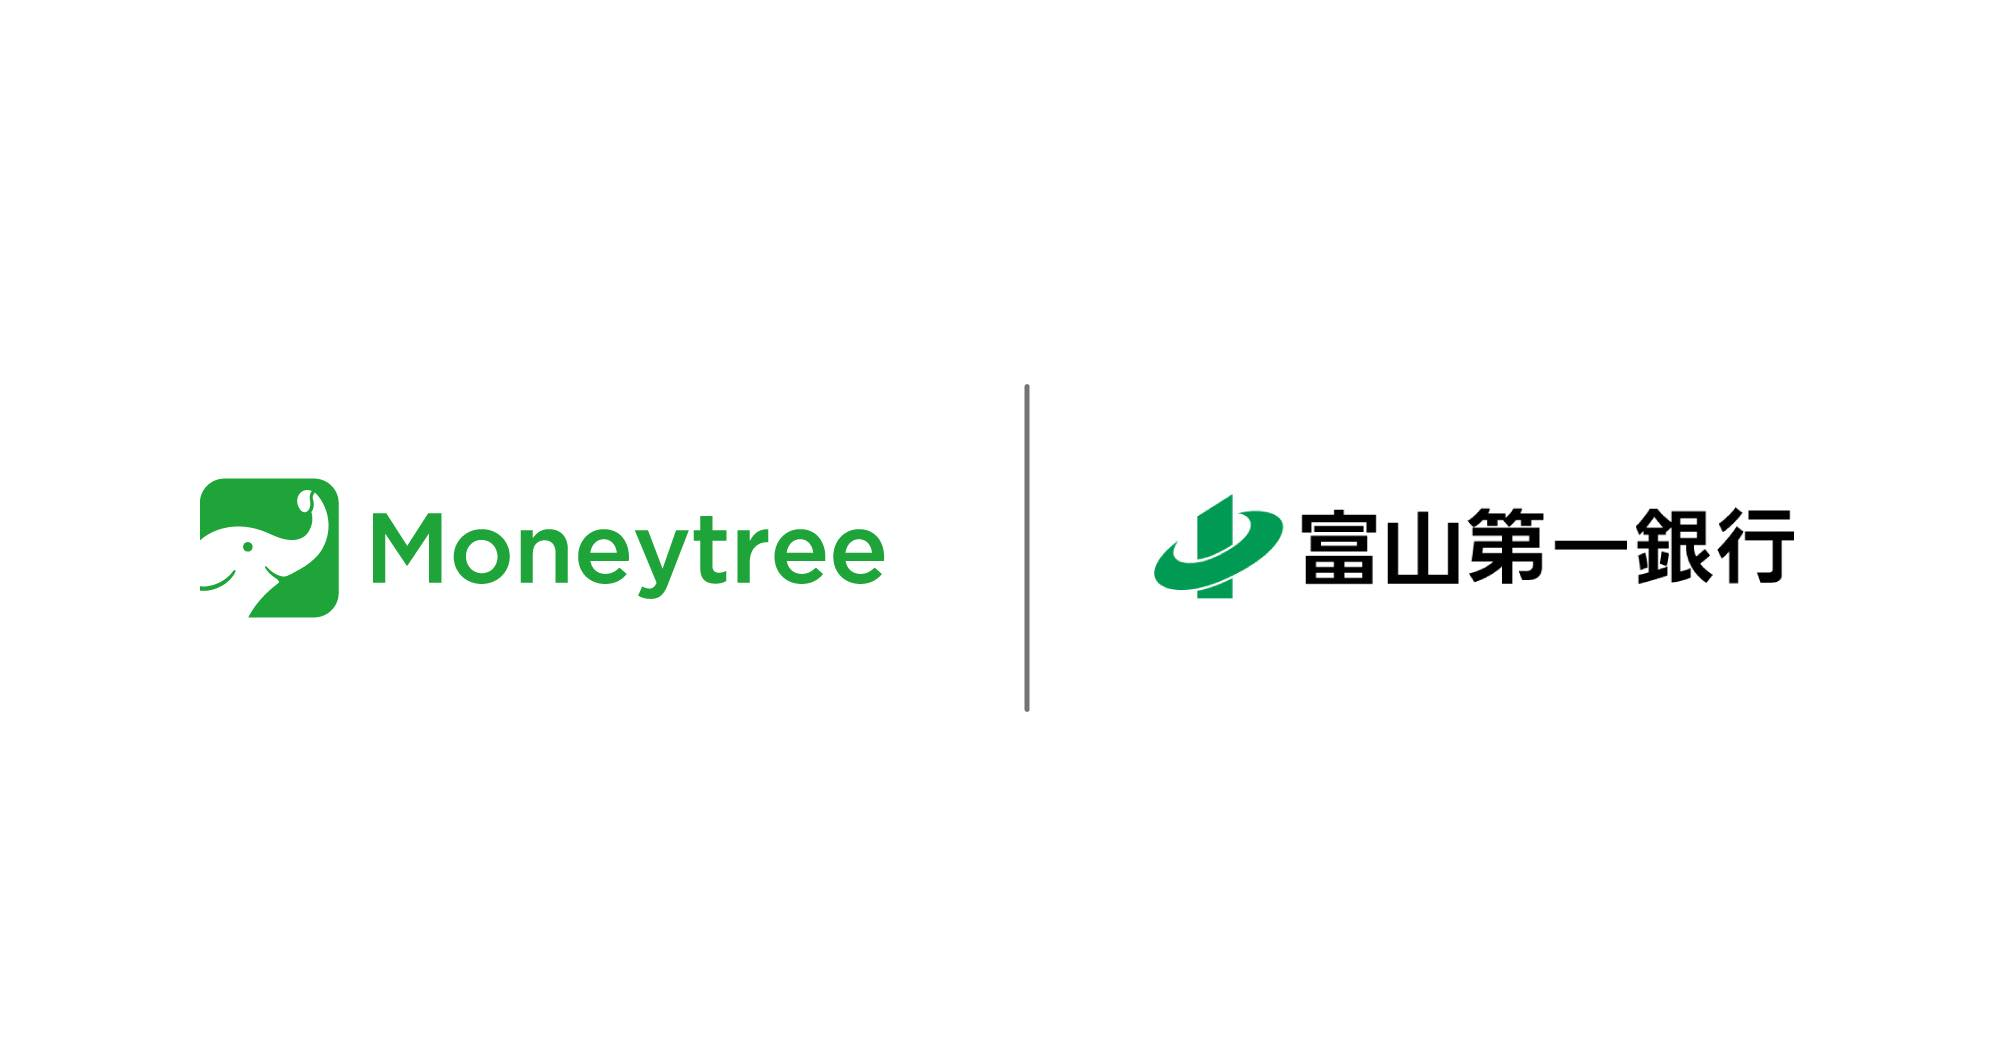 富山第一銀行のファーストバンクアプリのテレビCMがYoutubeでご覧いただけます